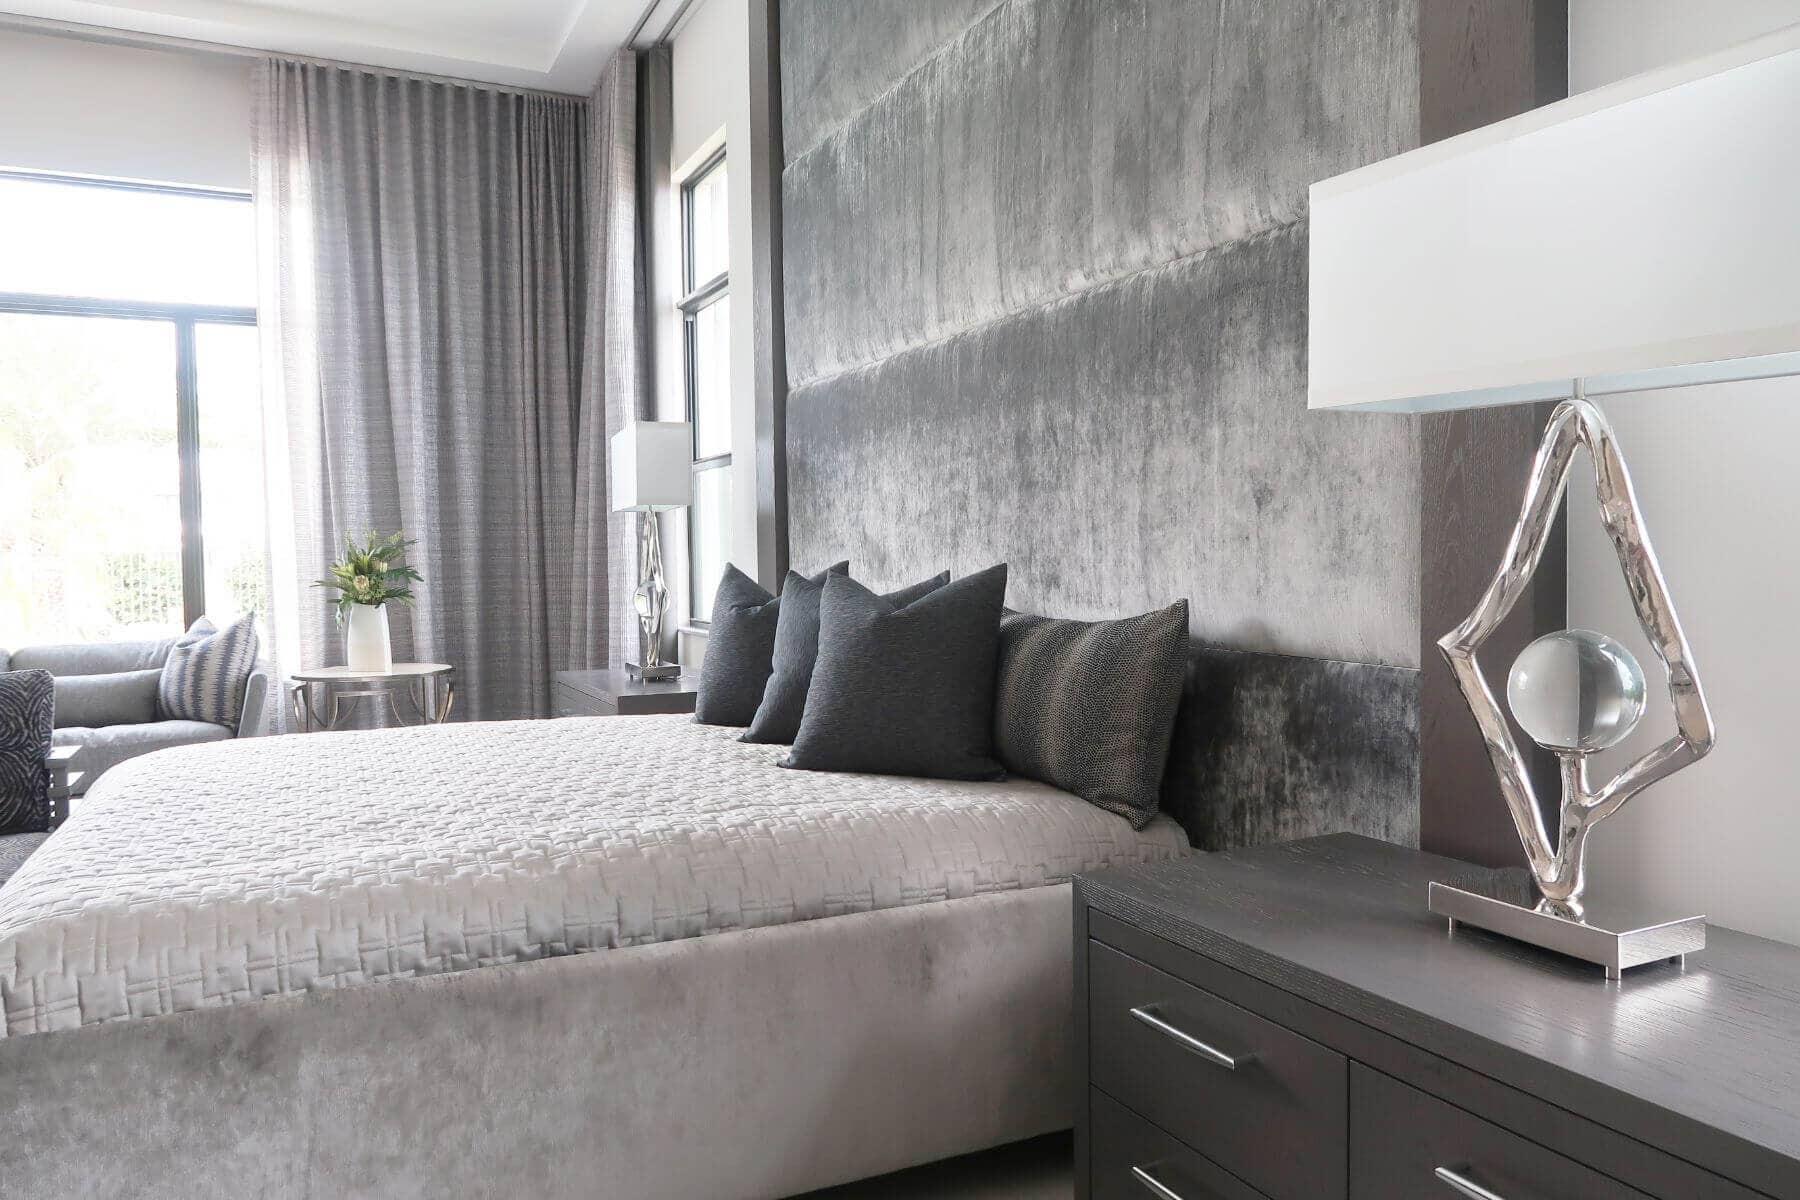 3 Master bedroom by Yarn Design Associates